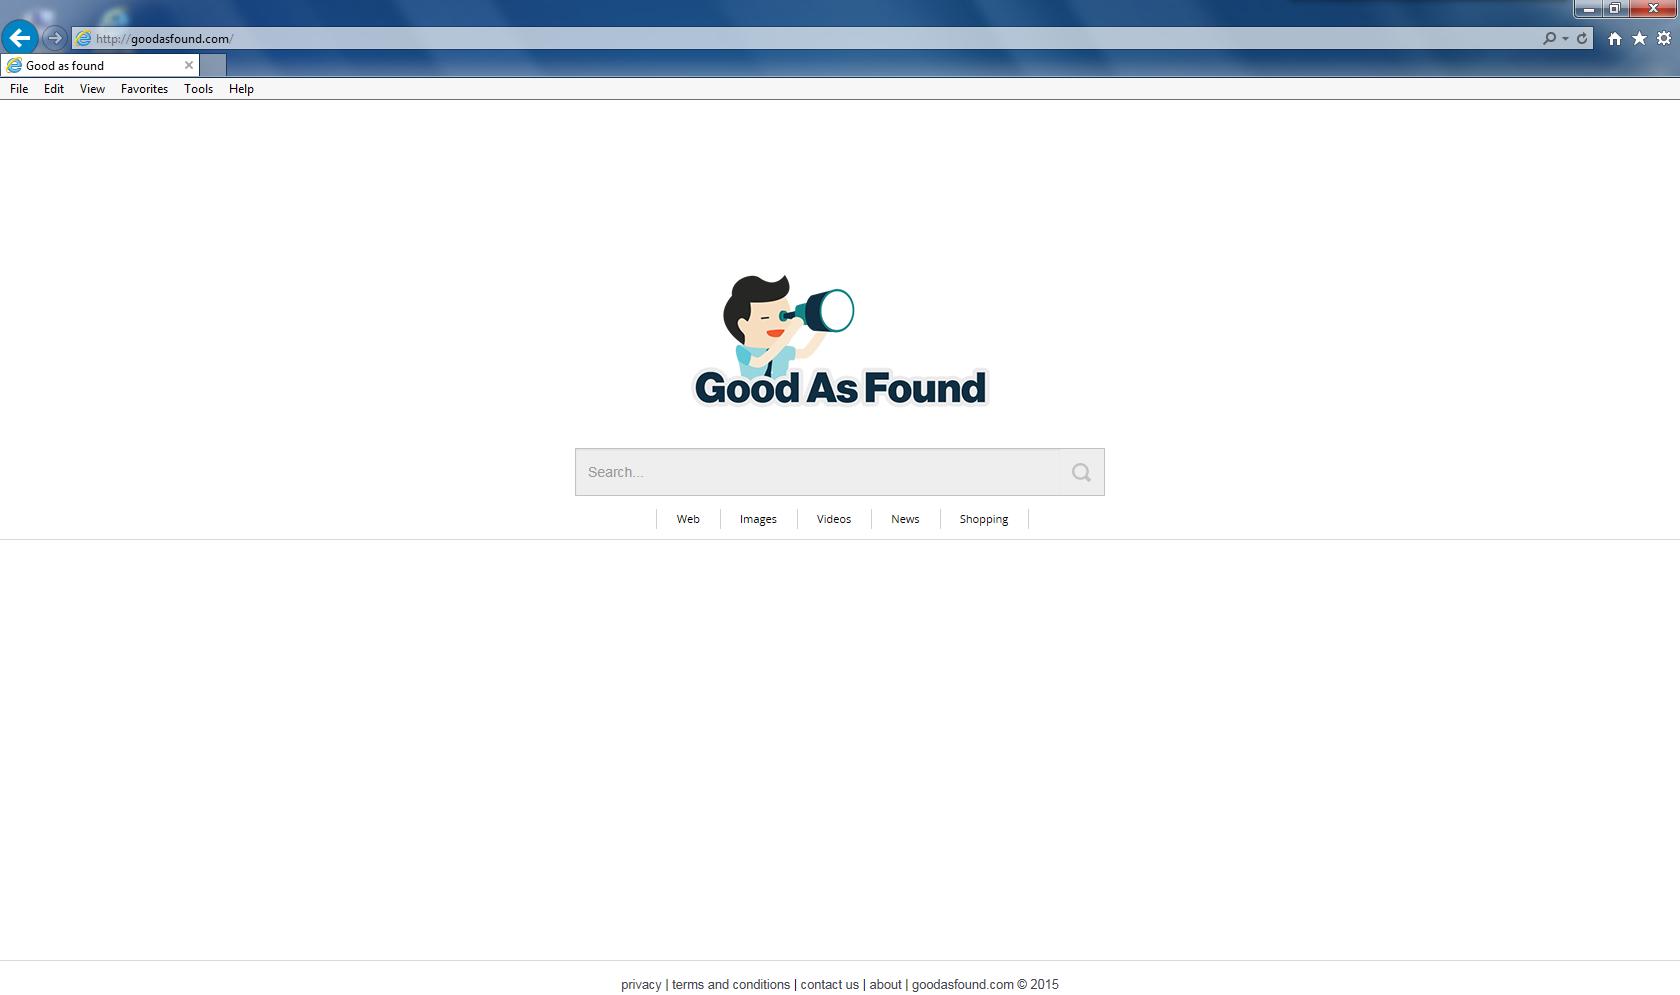 GoodAsFound.com homepage